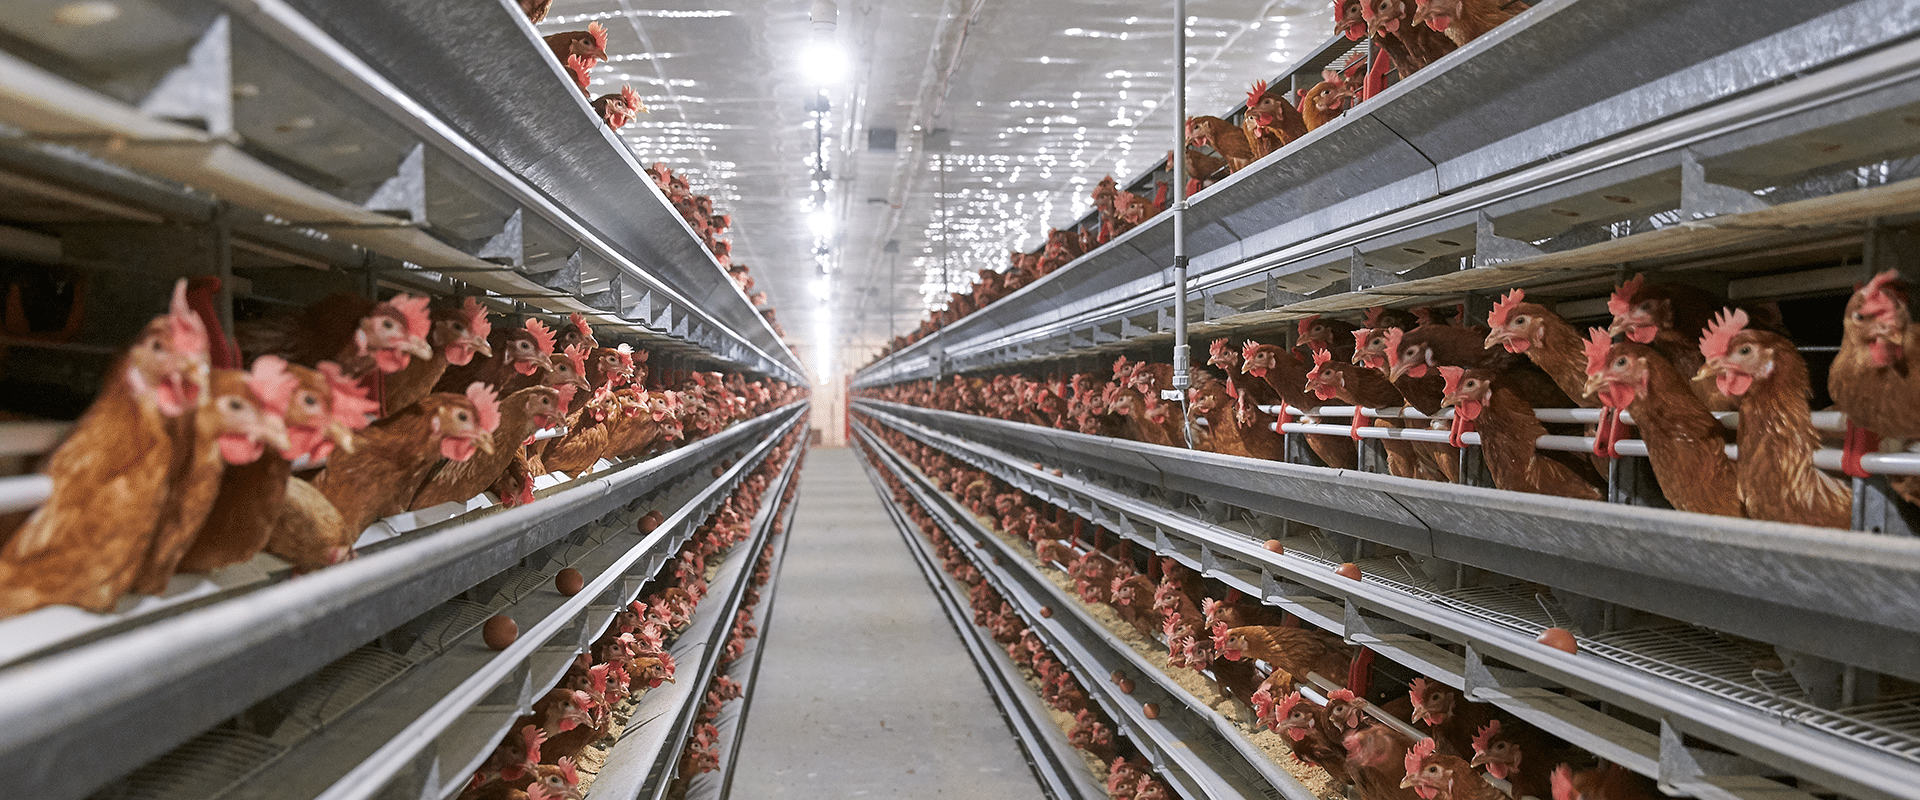 Poules_fermiers propriétaires producteurs d'oeufs canadiens_Nutrigroupe